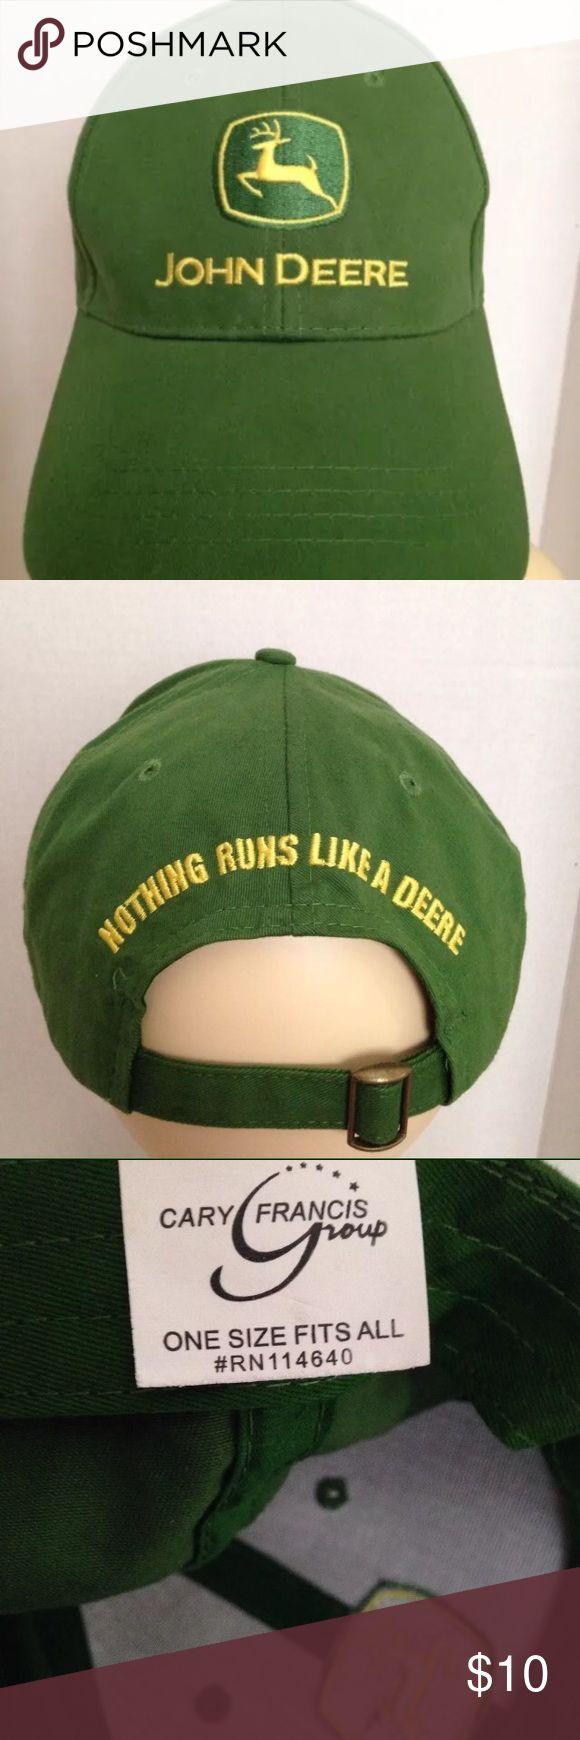 John Deere Adjustable Cap 100% Cotton John Deere Adjustable Cap ( Nothing Runs Like A Deere) 100% Cotton • Like New Condition John Deere Accessories Hats